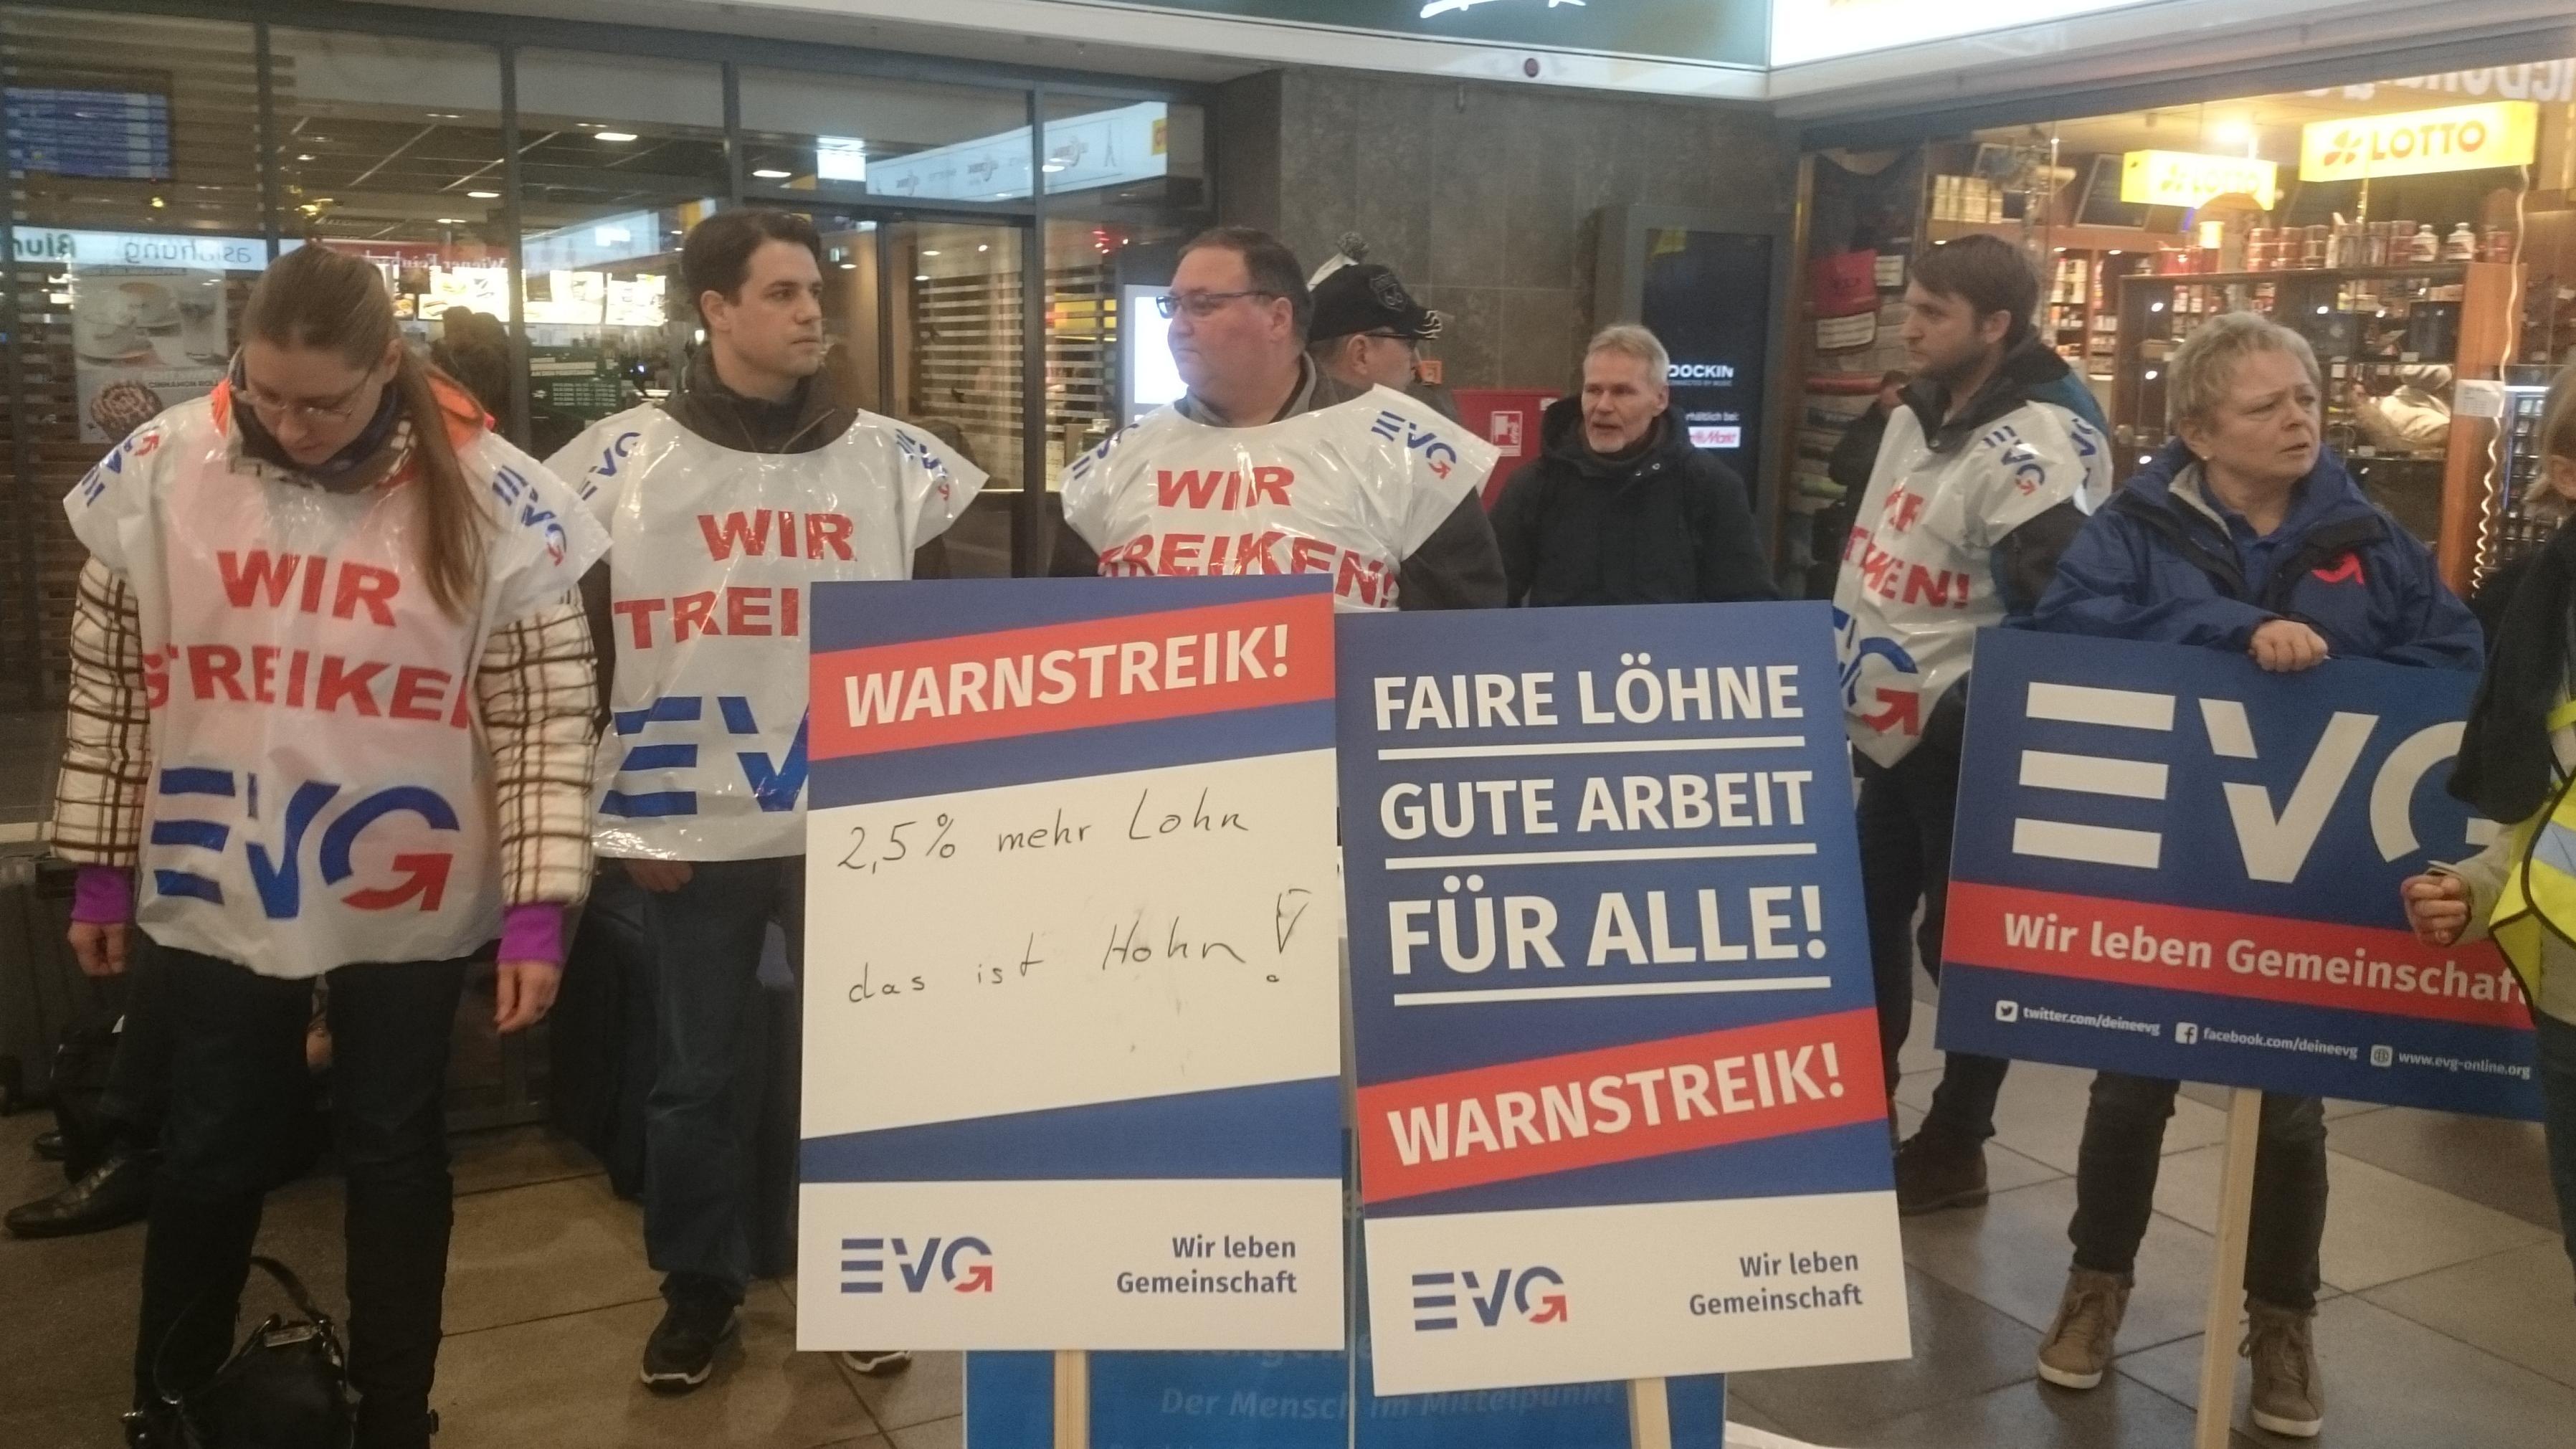 Streikende am Bahnhof in Würzburg